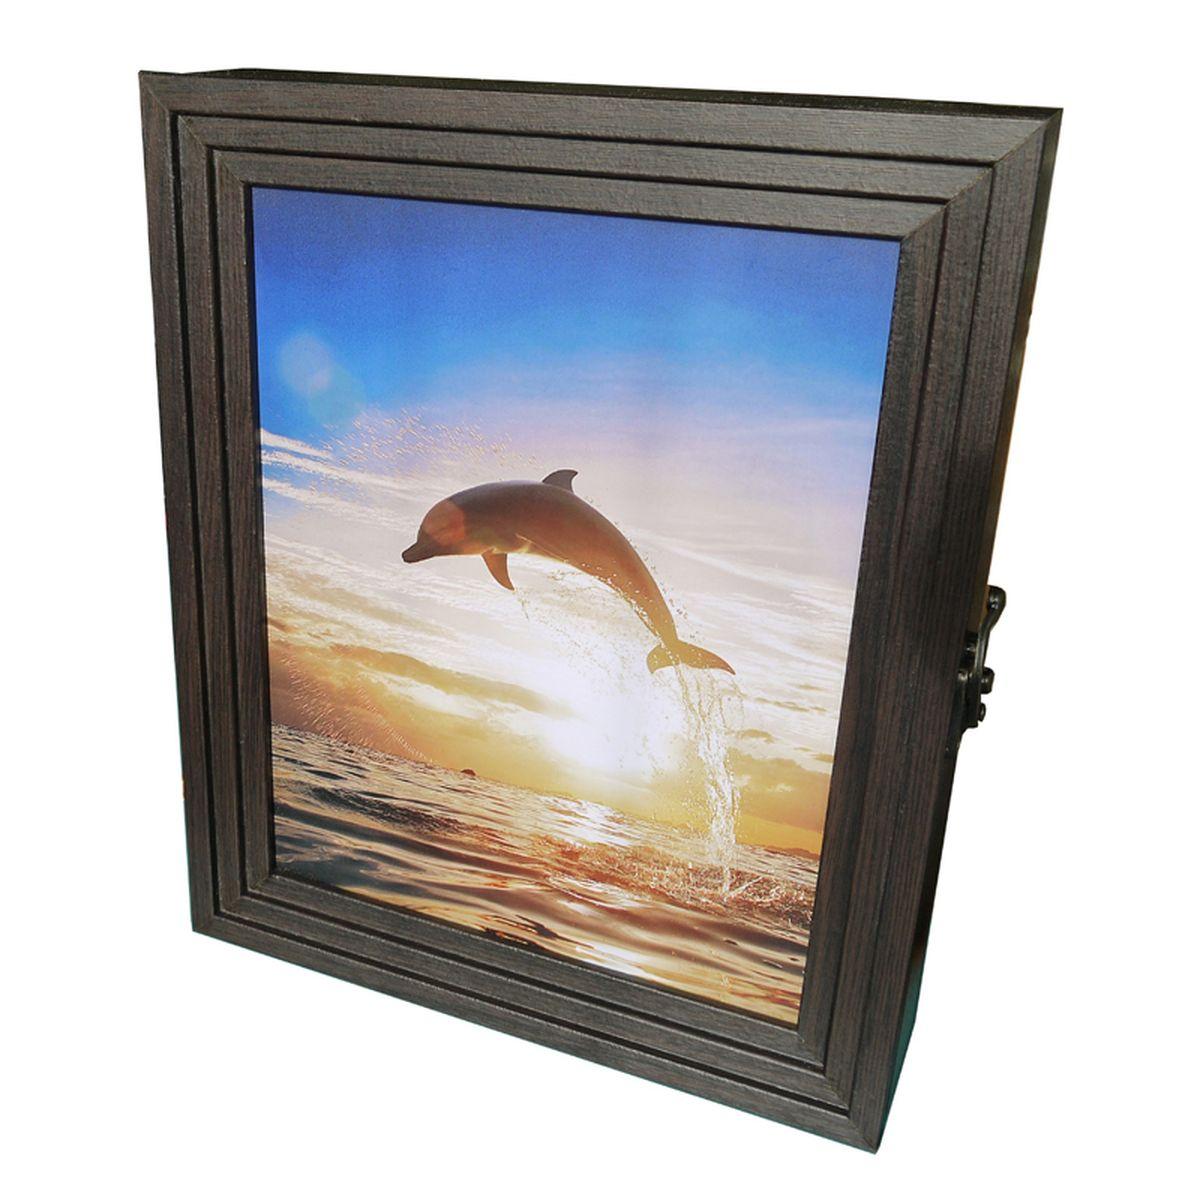 Вешалка-ключница Milarte Лайн, 30 х 25 х 5 см. KLV-108002KLV-108002Вешалка-ключница Milarte Лайн, выполненная из МДФ, ПВХ и бумаги, украсит интерьер помещения, а также поможет создать атмосферу уюта. Ключница, декорированная оригинальным изображением, станет не только украшением вашего дома, но и послужит функционально: она представляет собой ящичек, внутри которого предусмотрено семь металлических крючков для ключей, расположенных в два ряда. Дверца изделия фиксируется к корпусу на крючок. Вешалка-ключница подвешивается на стену, крепежные элементы входят в комплект. Украсив помещение такой необычной ключницей, вы привнесете в свой интерьер элемент оригинальности. Можно протирать сухой, мягкой тканью. Размер ключницы: 30 х 25 х 5 см. Внутренний размер вешалки-ключницы: 23,5 х 29 х 3,5 см. Расстояние между рядами: 8 см.